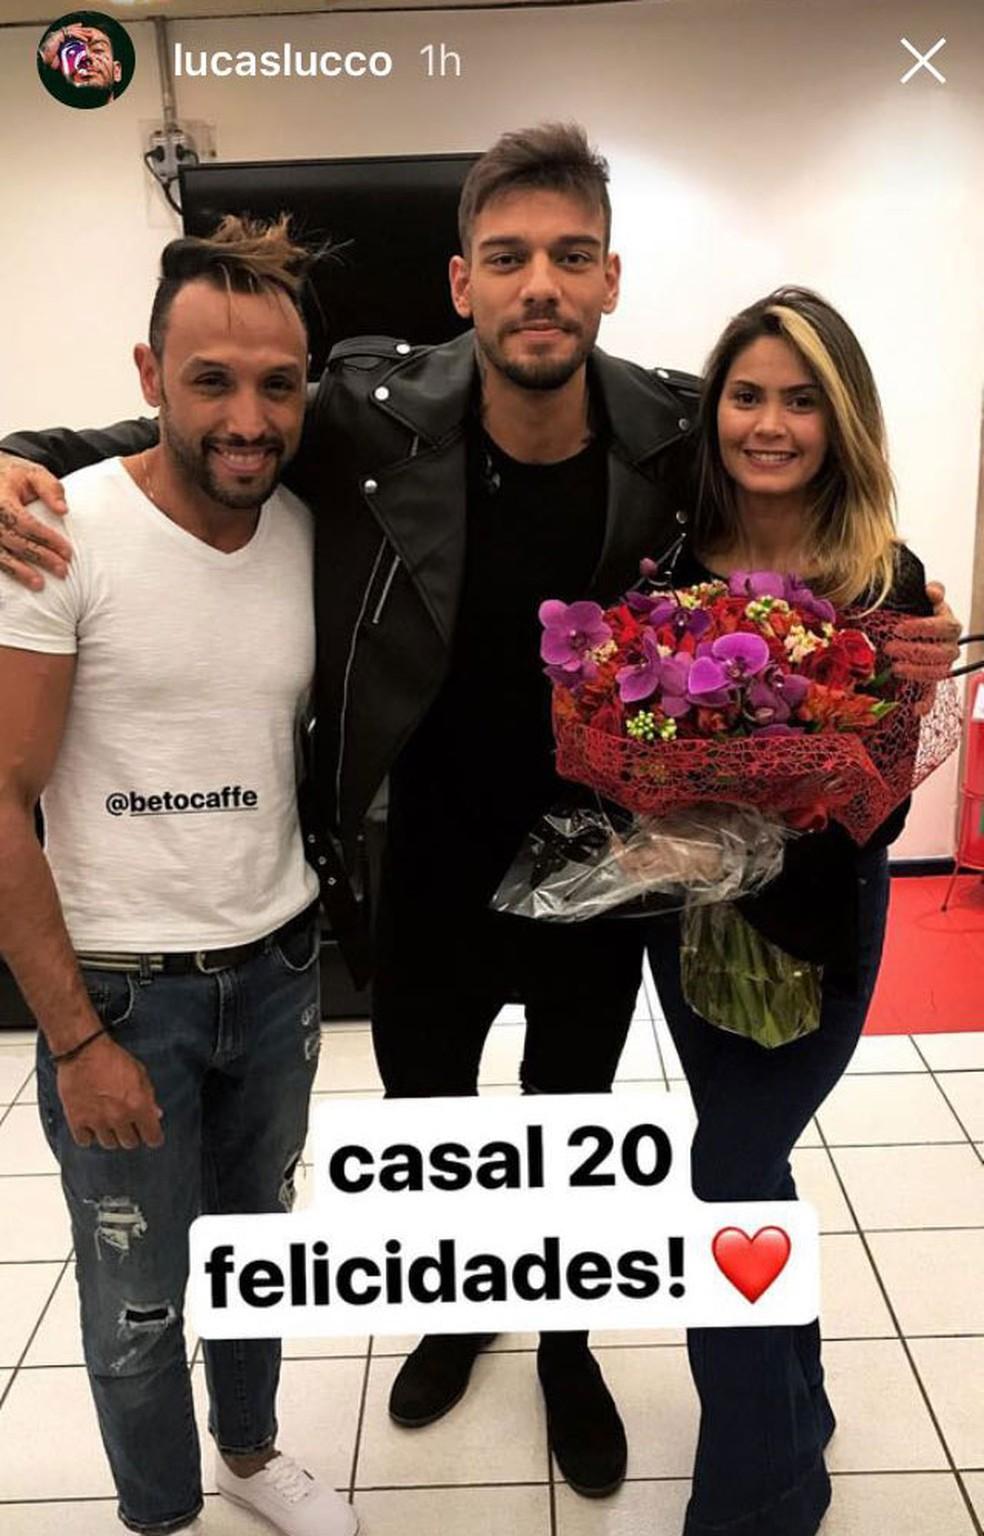 O cantor até desejou felicidades ao casal em suas redes sociais! (Foto: Arquivo Pessoal Lucas Lucco)